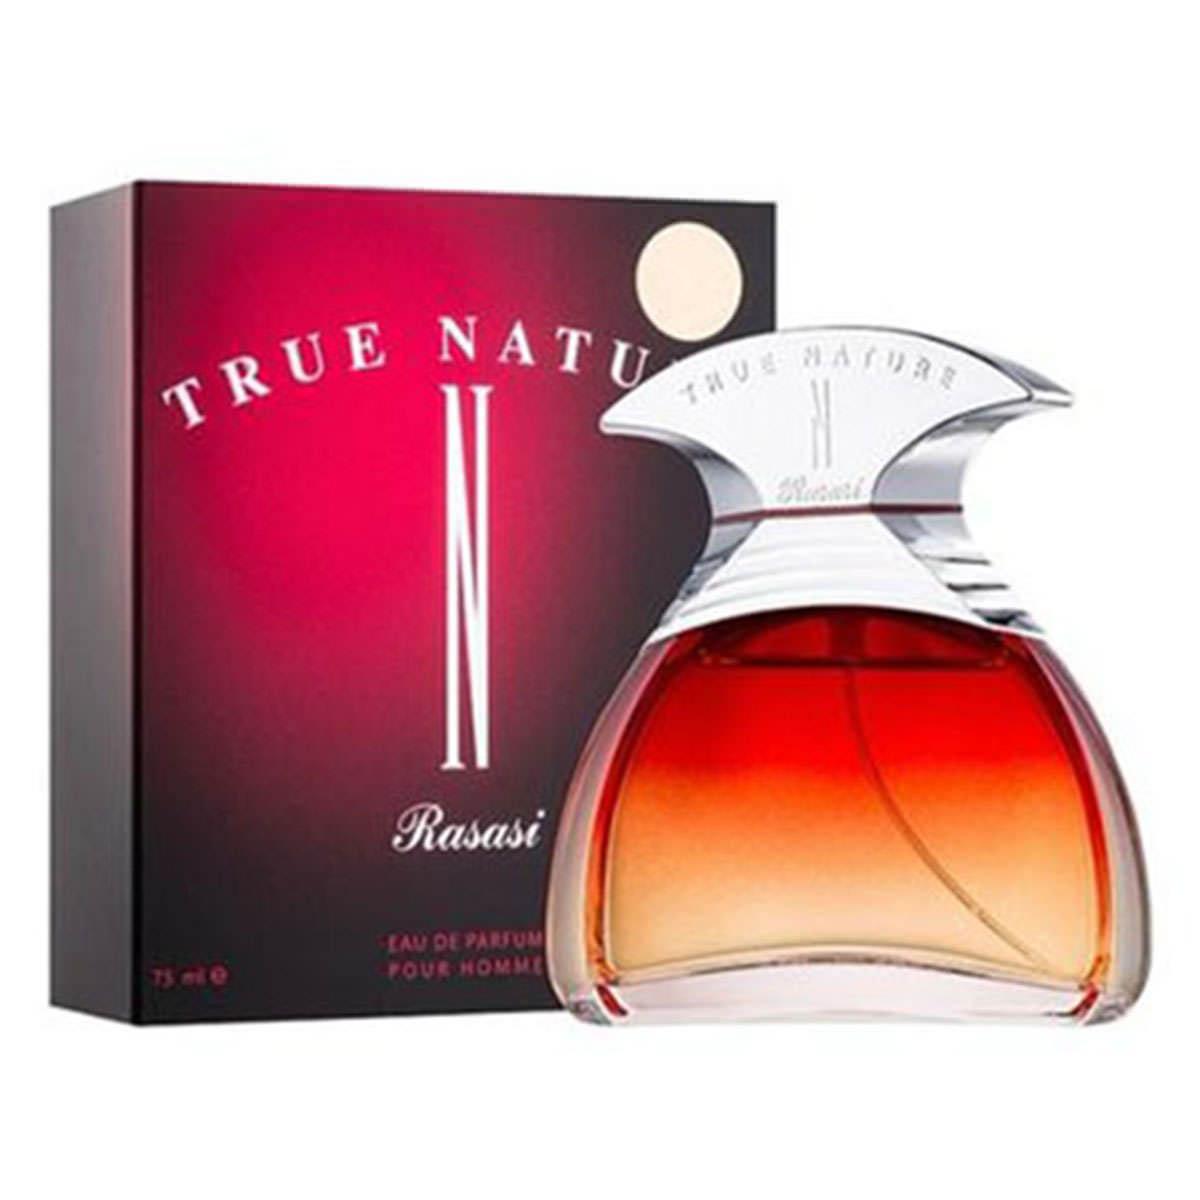 True Nature Homme Eau De Parfum